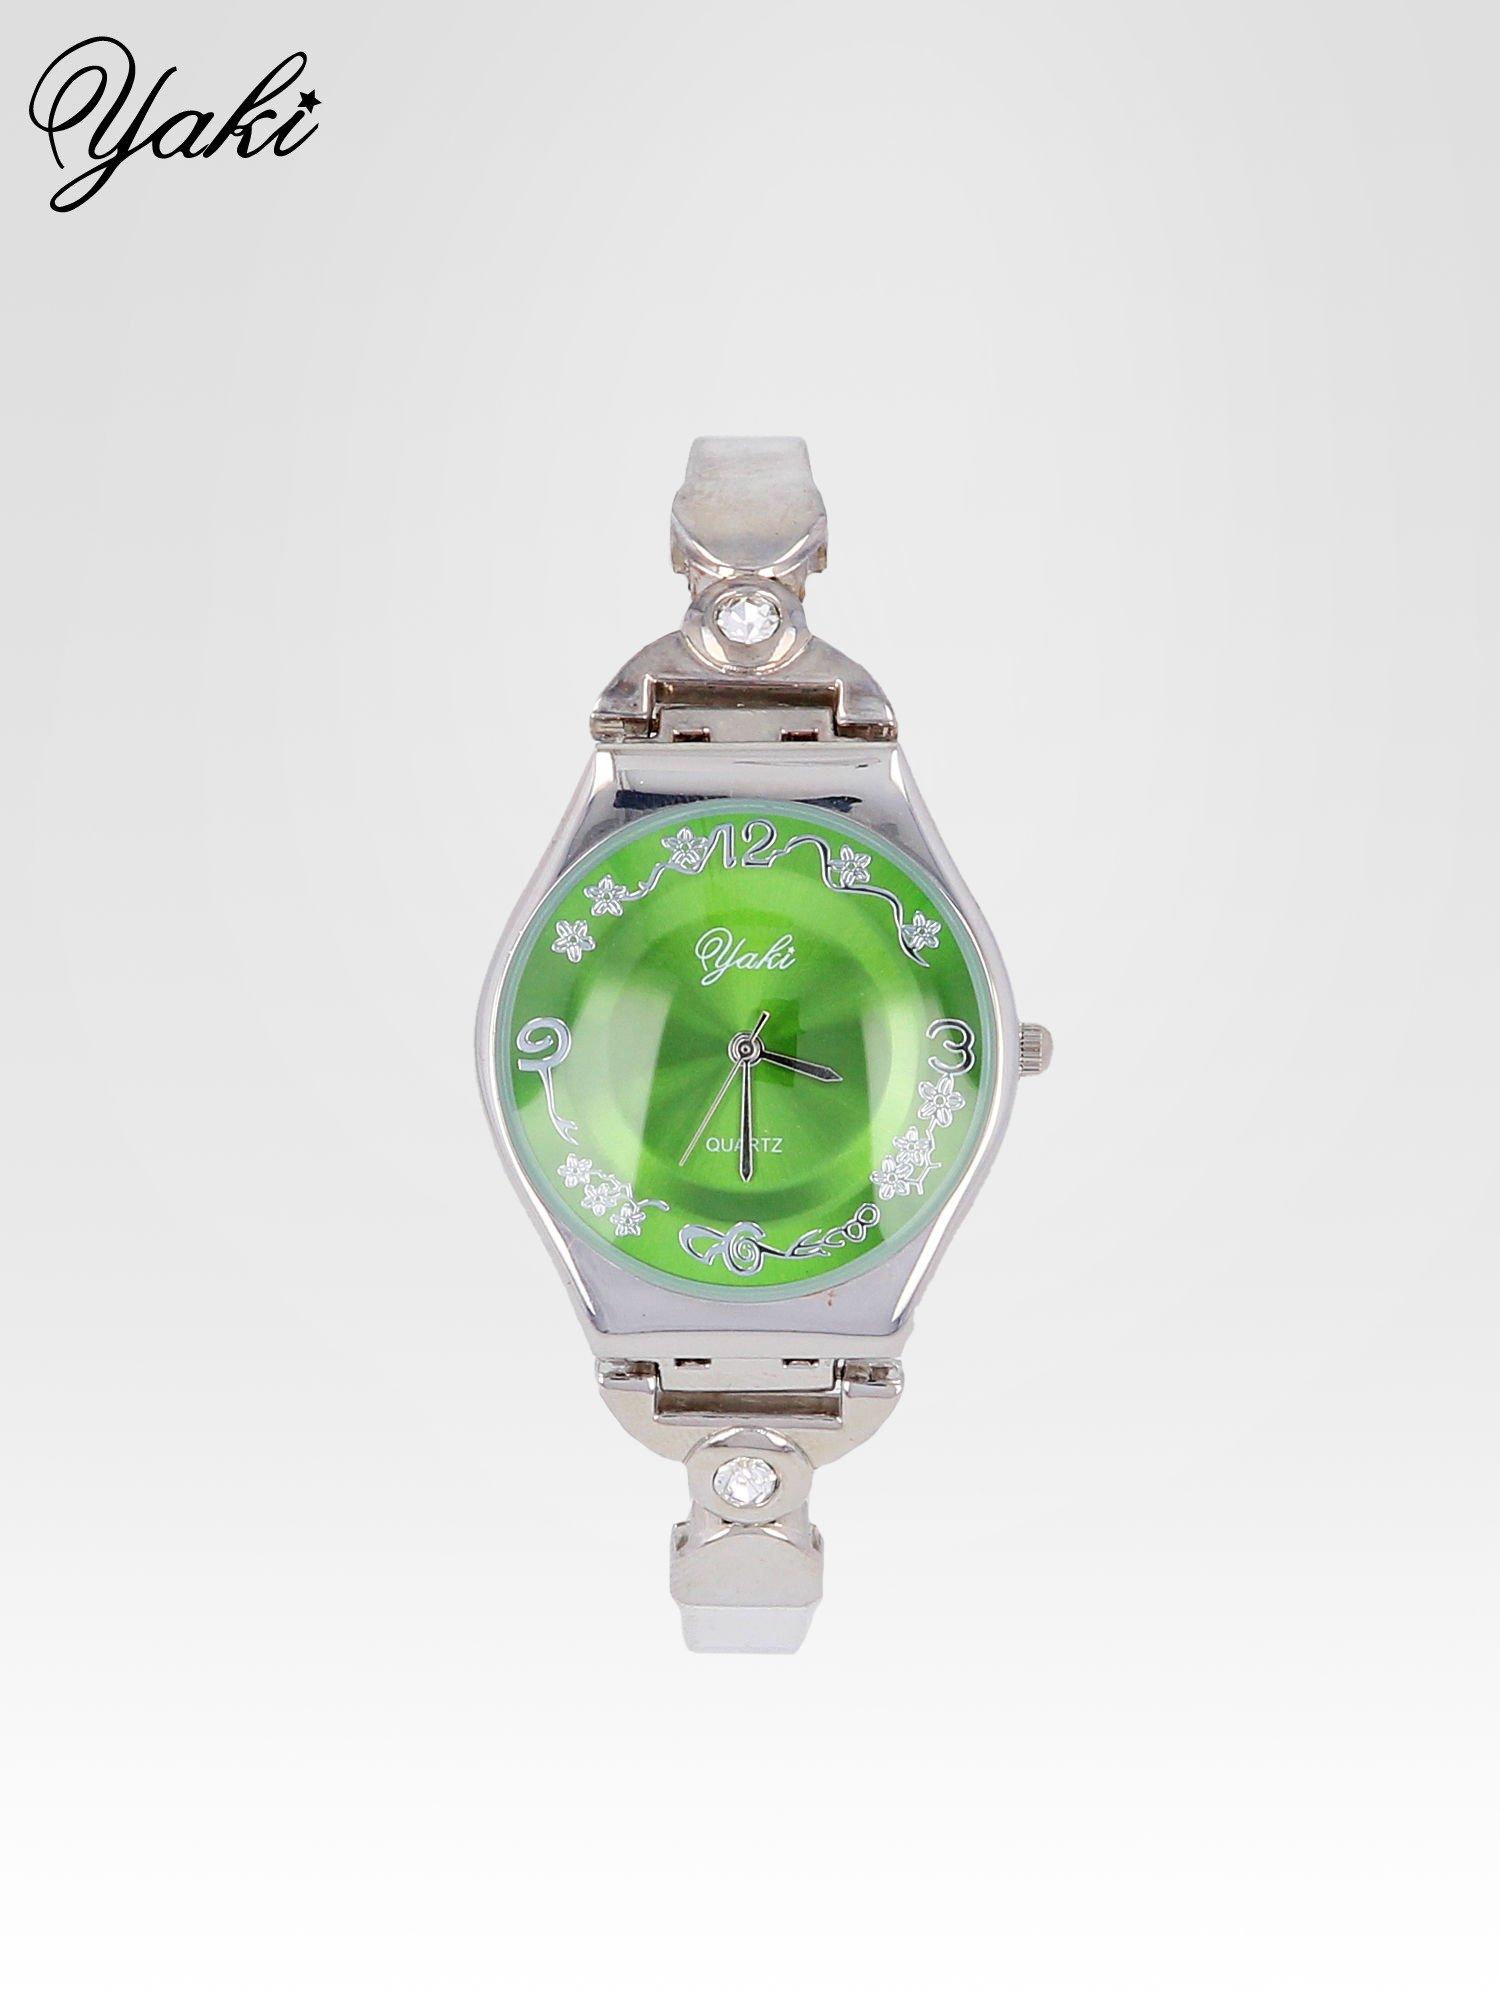 Srebrny biżuteryjny zegarek damski z zielona tarczą                                  zdj.                                  1